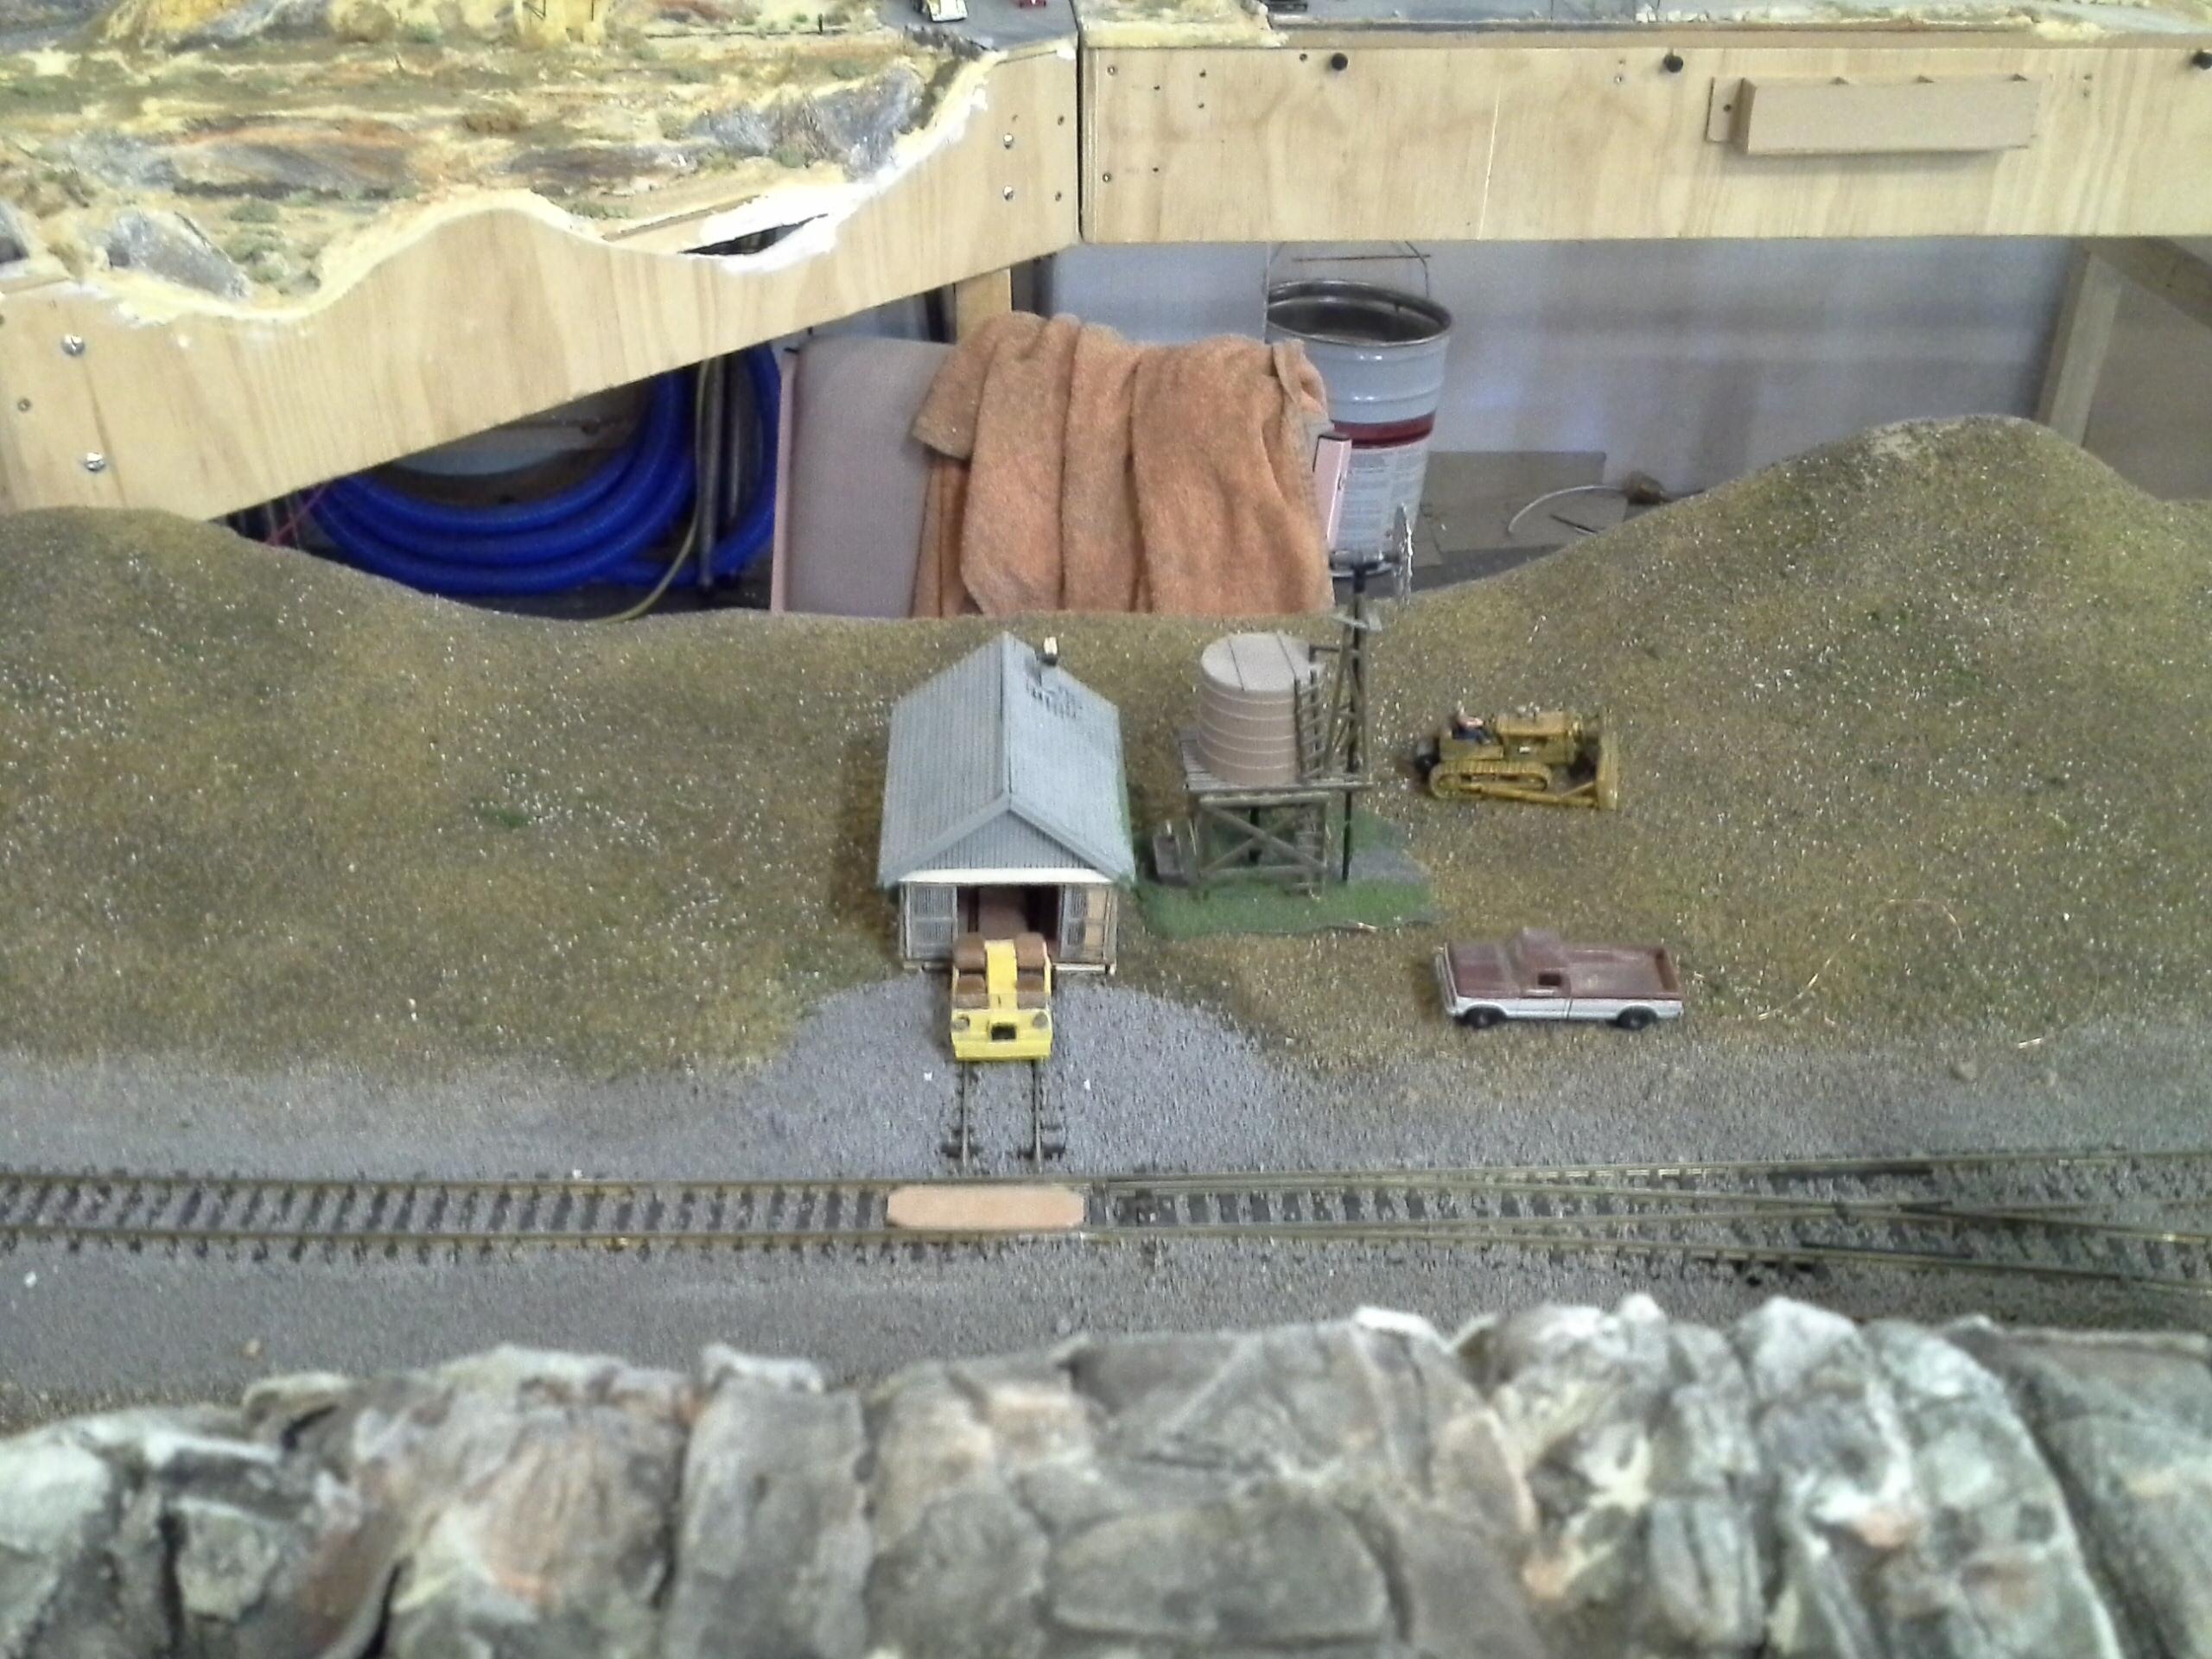 logging | Model train scenery, Model railroad, Model railway